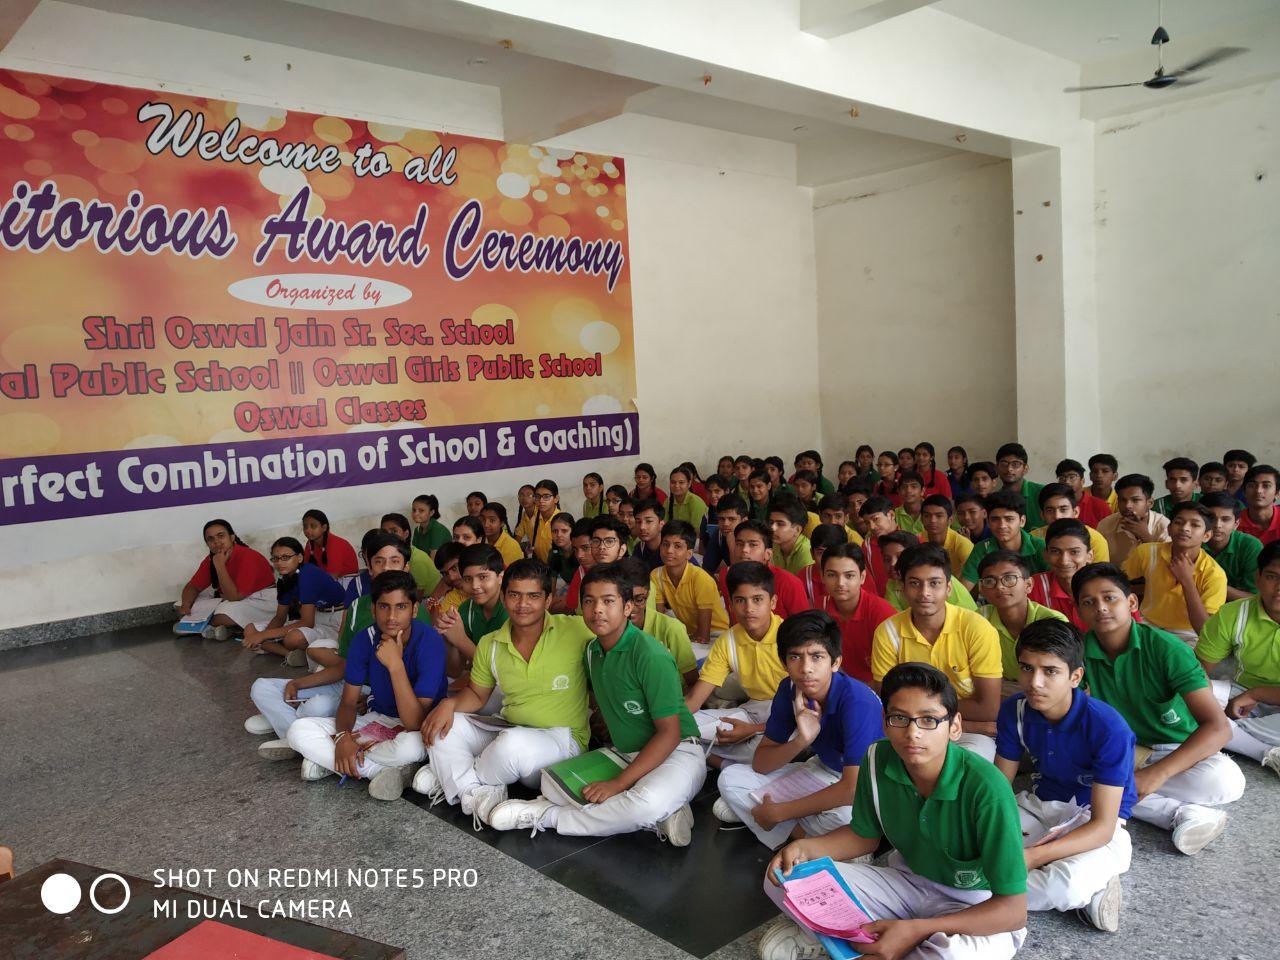 oswal school Alwar.jpeg